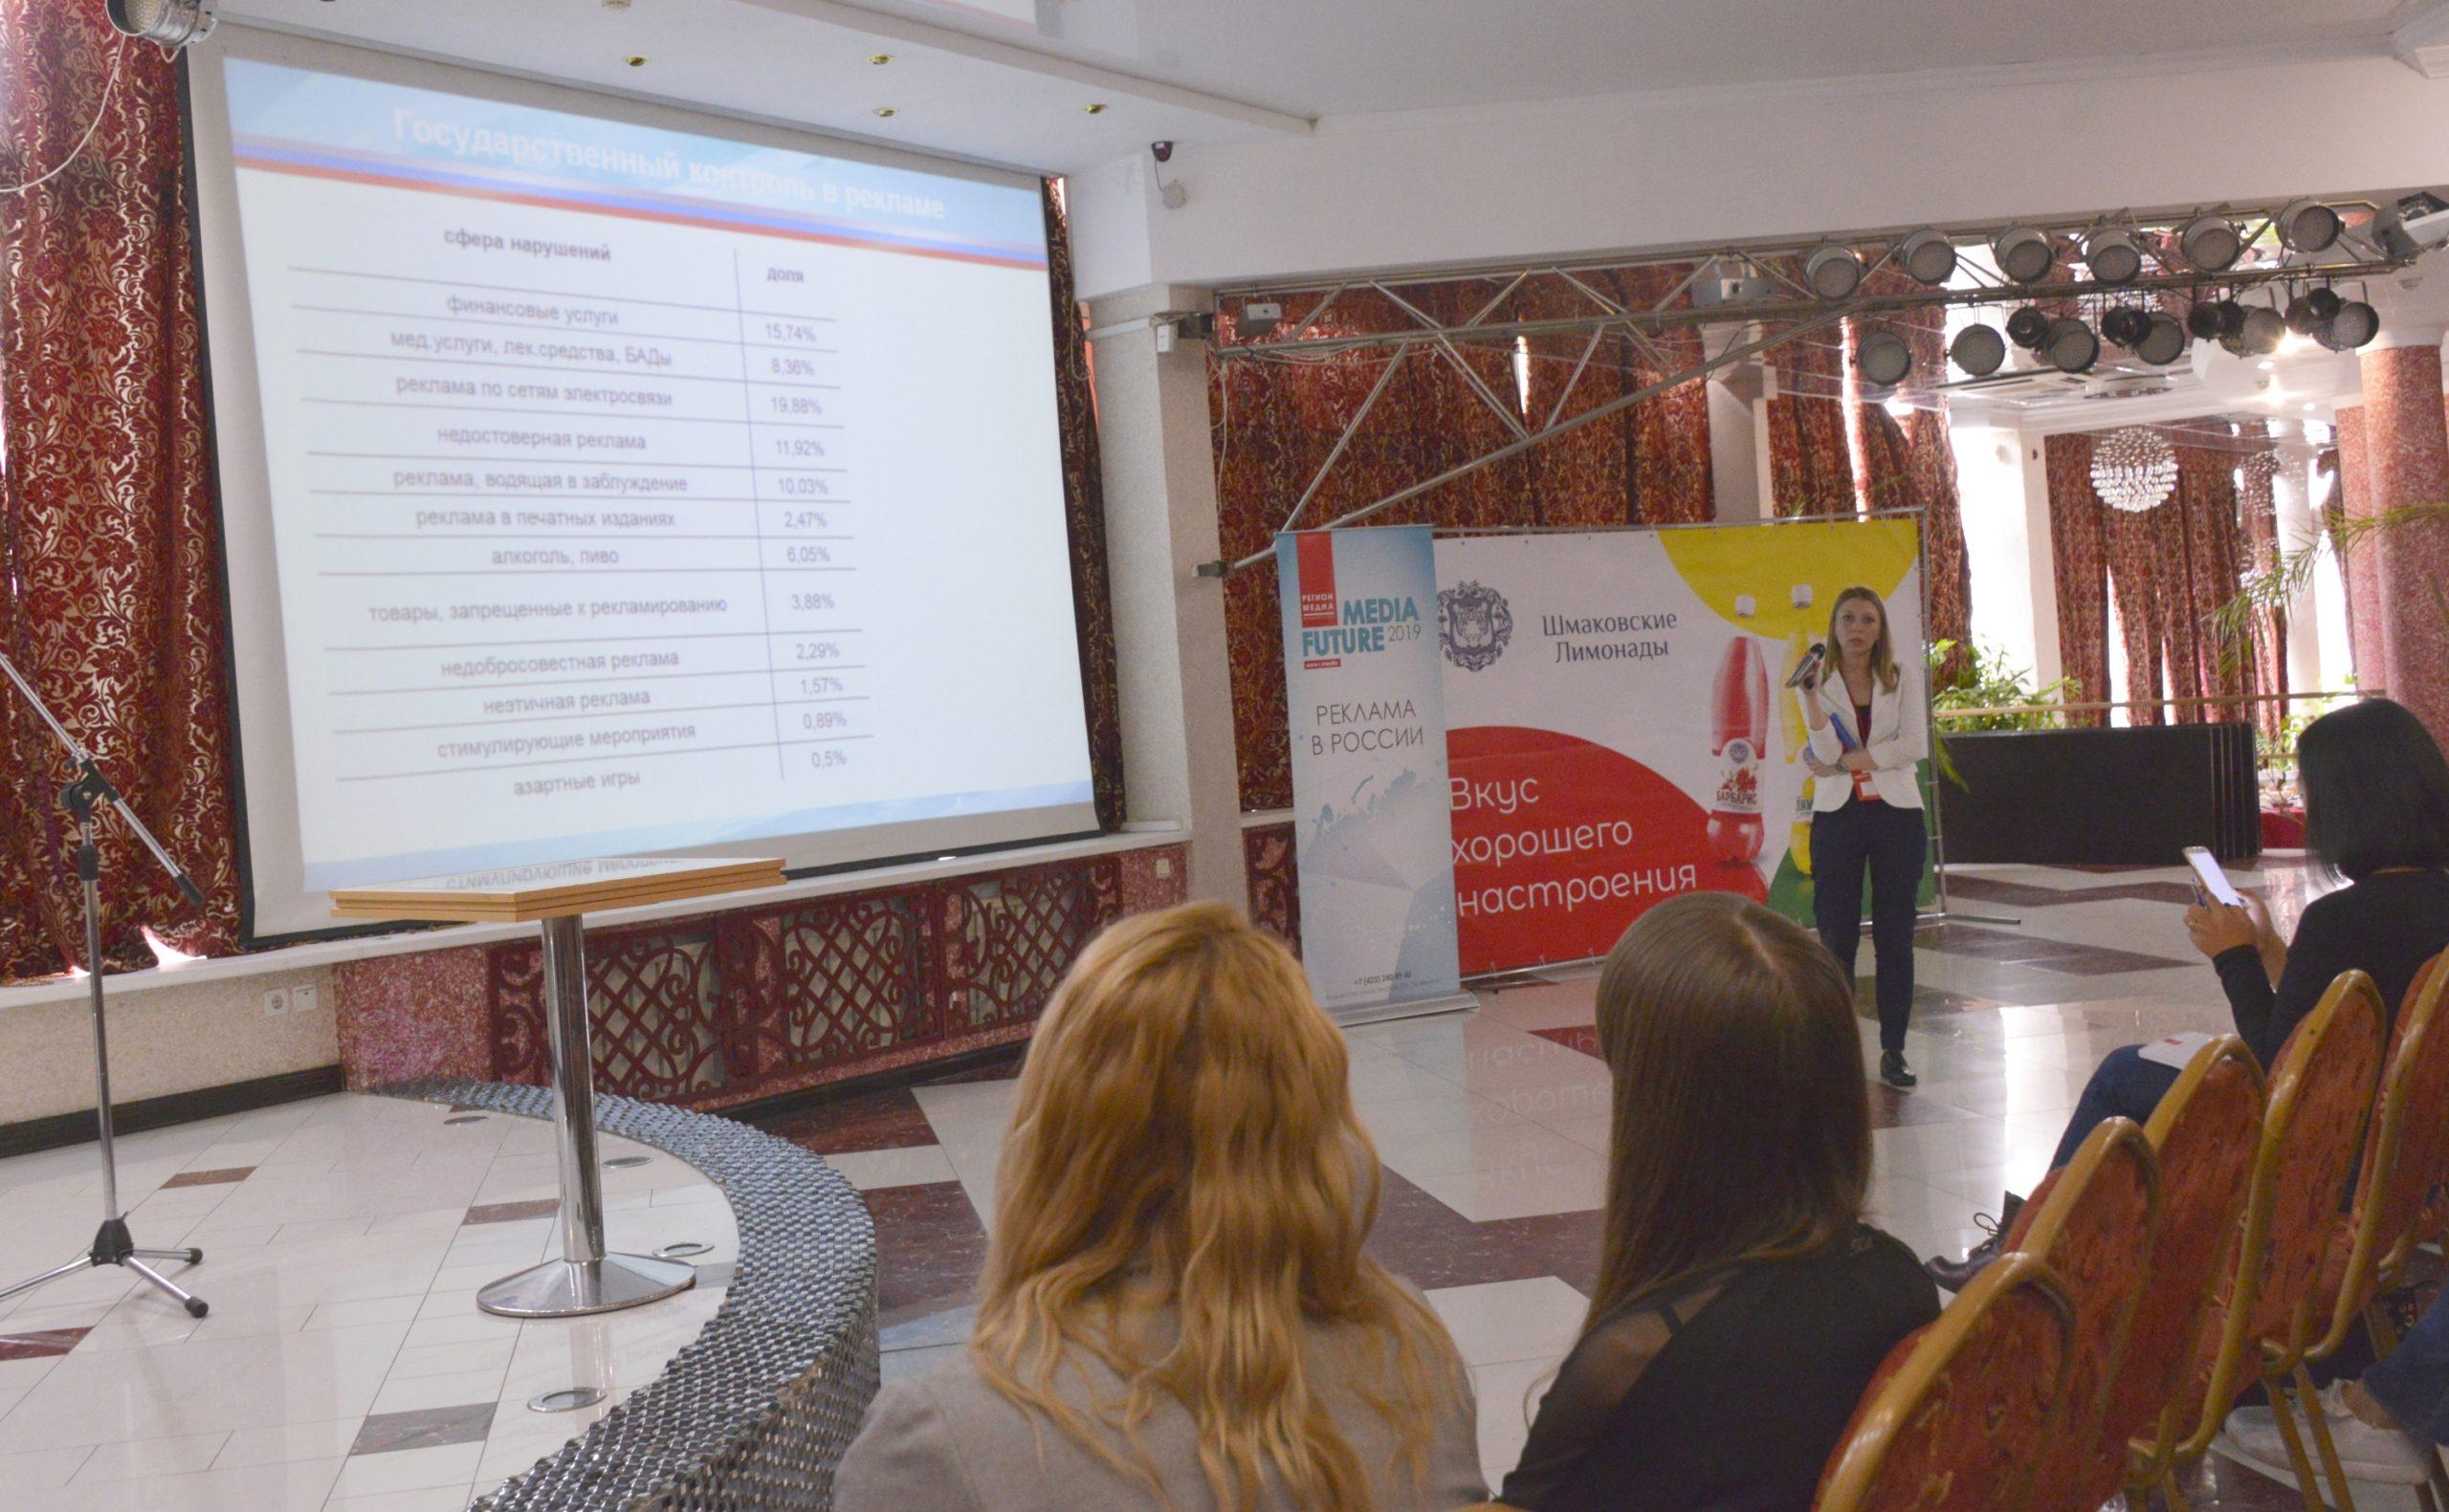 什马科夫弗斯卡亚在Media Future会议上